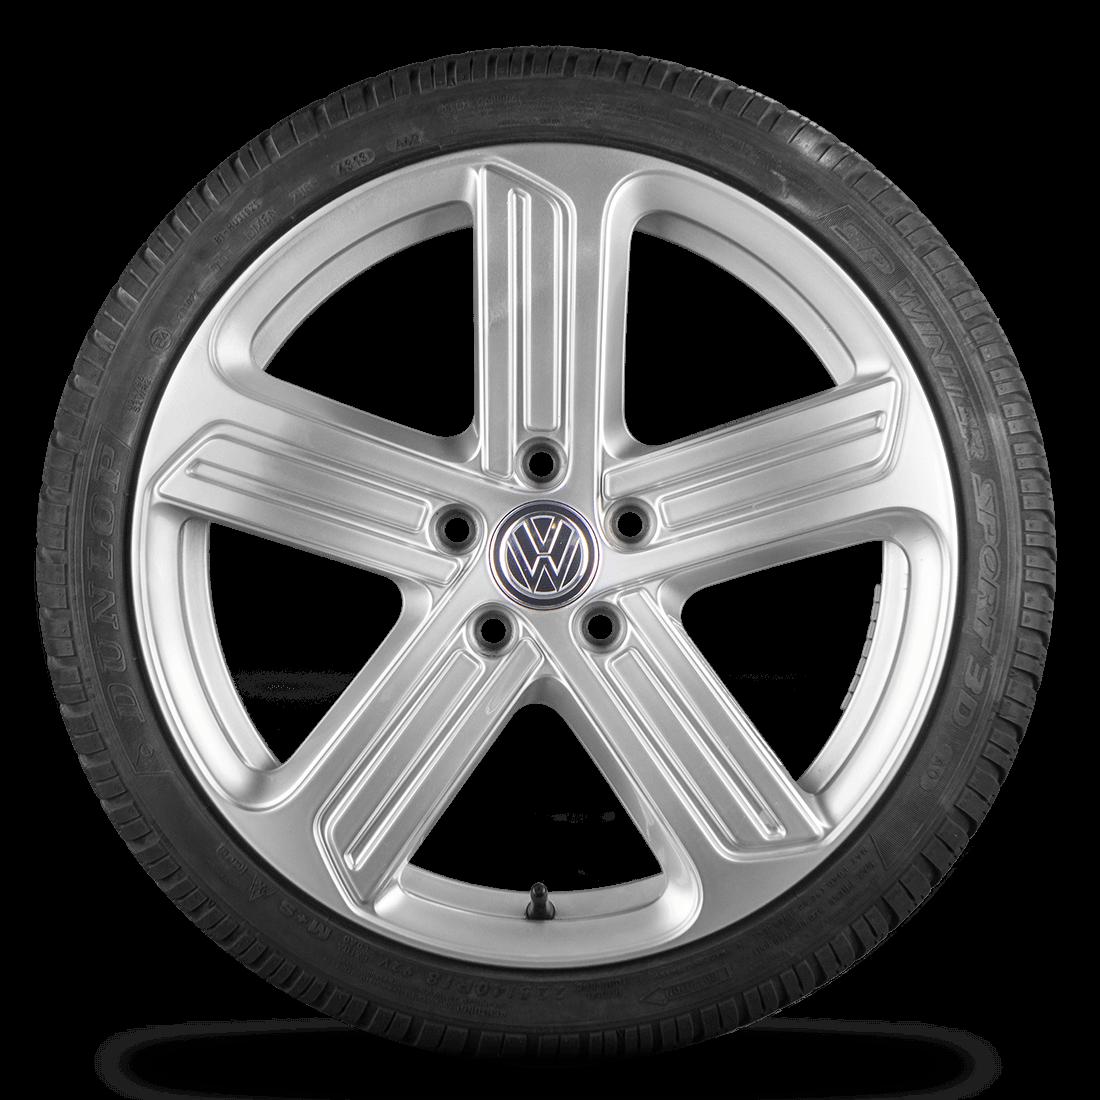 VW 18 Zoll Felgen Golf 7 6 GTI GTD Cadiz Alufelgen Winterreifen Winterräder